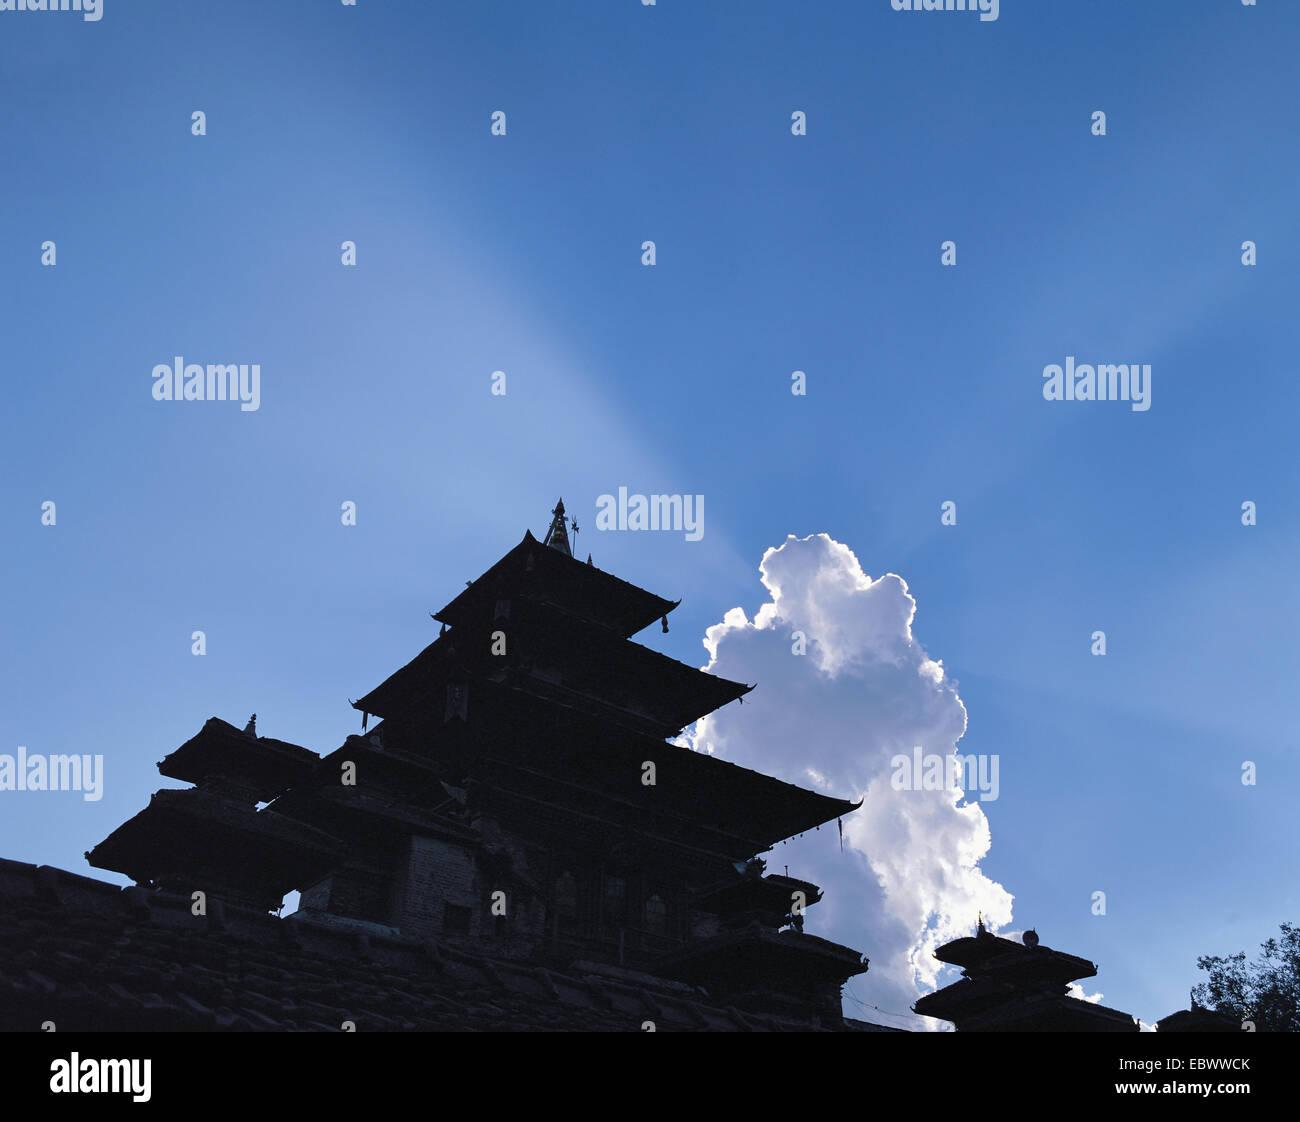 Templo pagodas de Durbar Square esbozadas contra las nubes y el cielo azul, Nepal, Katmandú Imagen De Stock